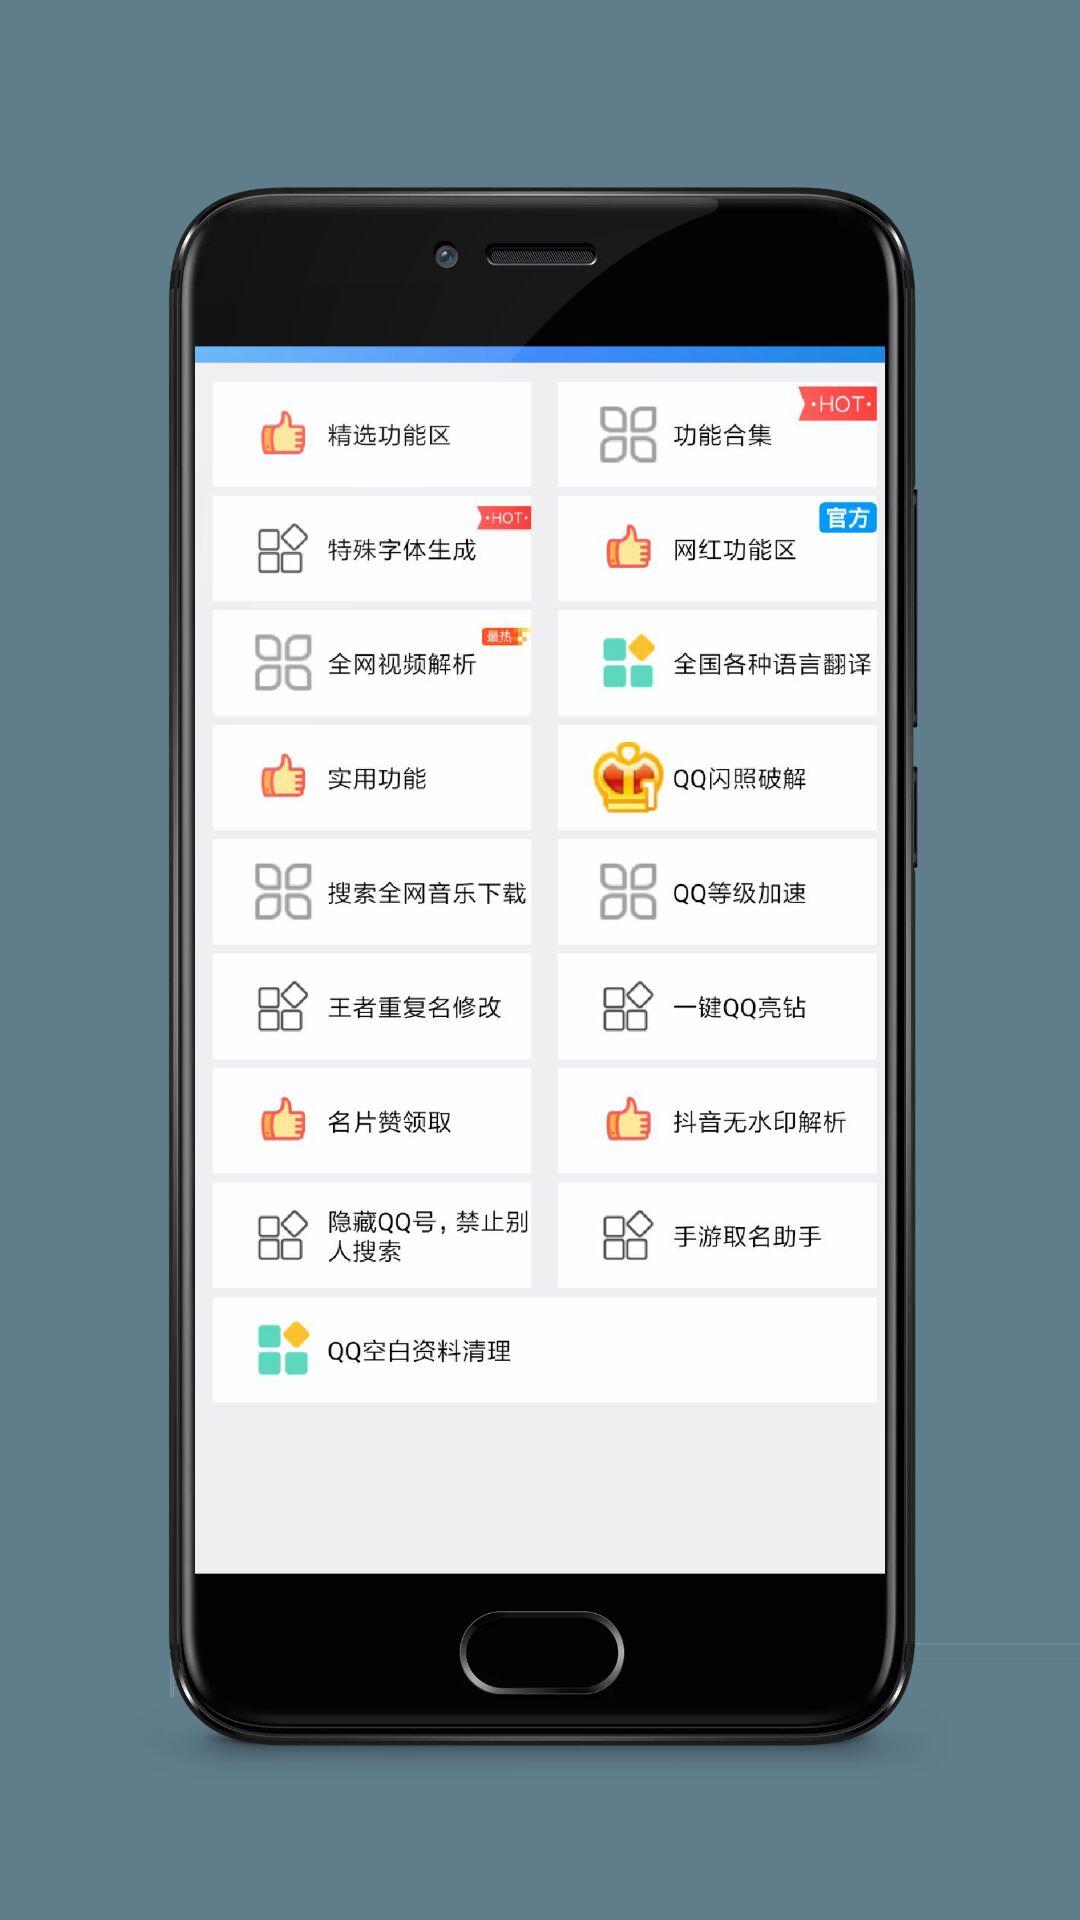 【分享】多功能盒子v1.0 新增名片赞领取 功能实用 欢迎体验-100tui.cn